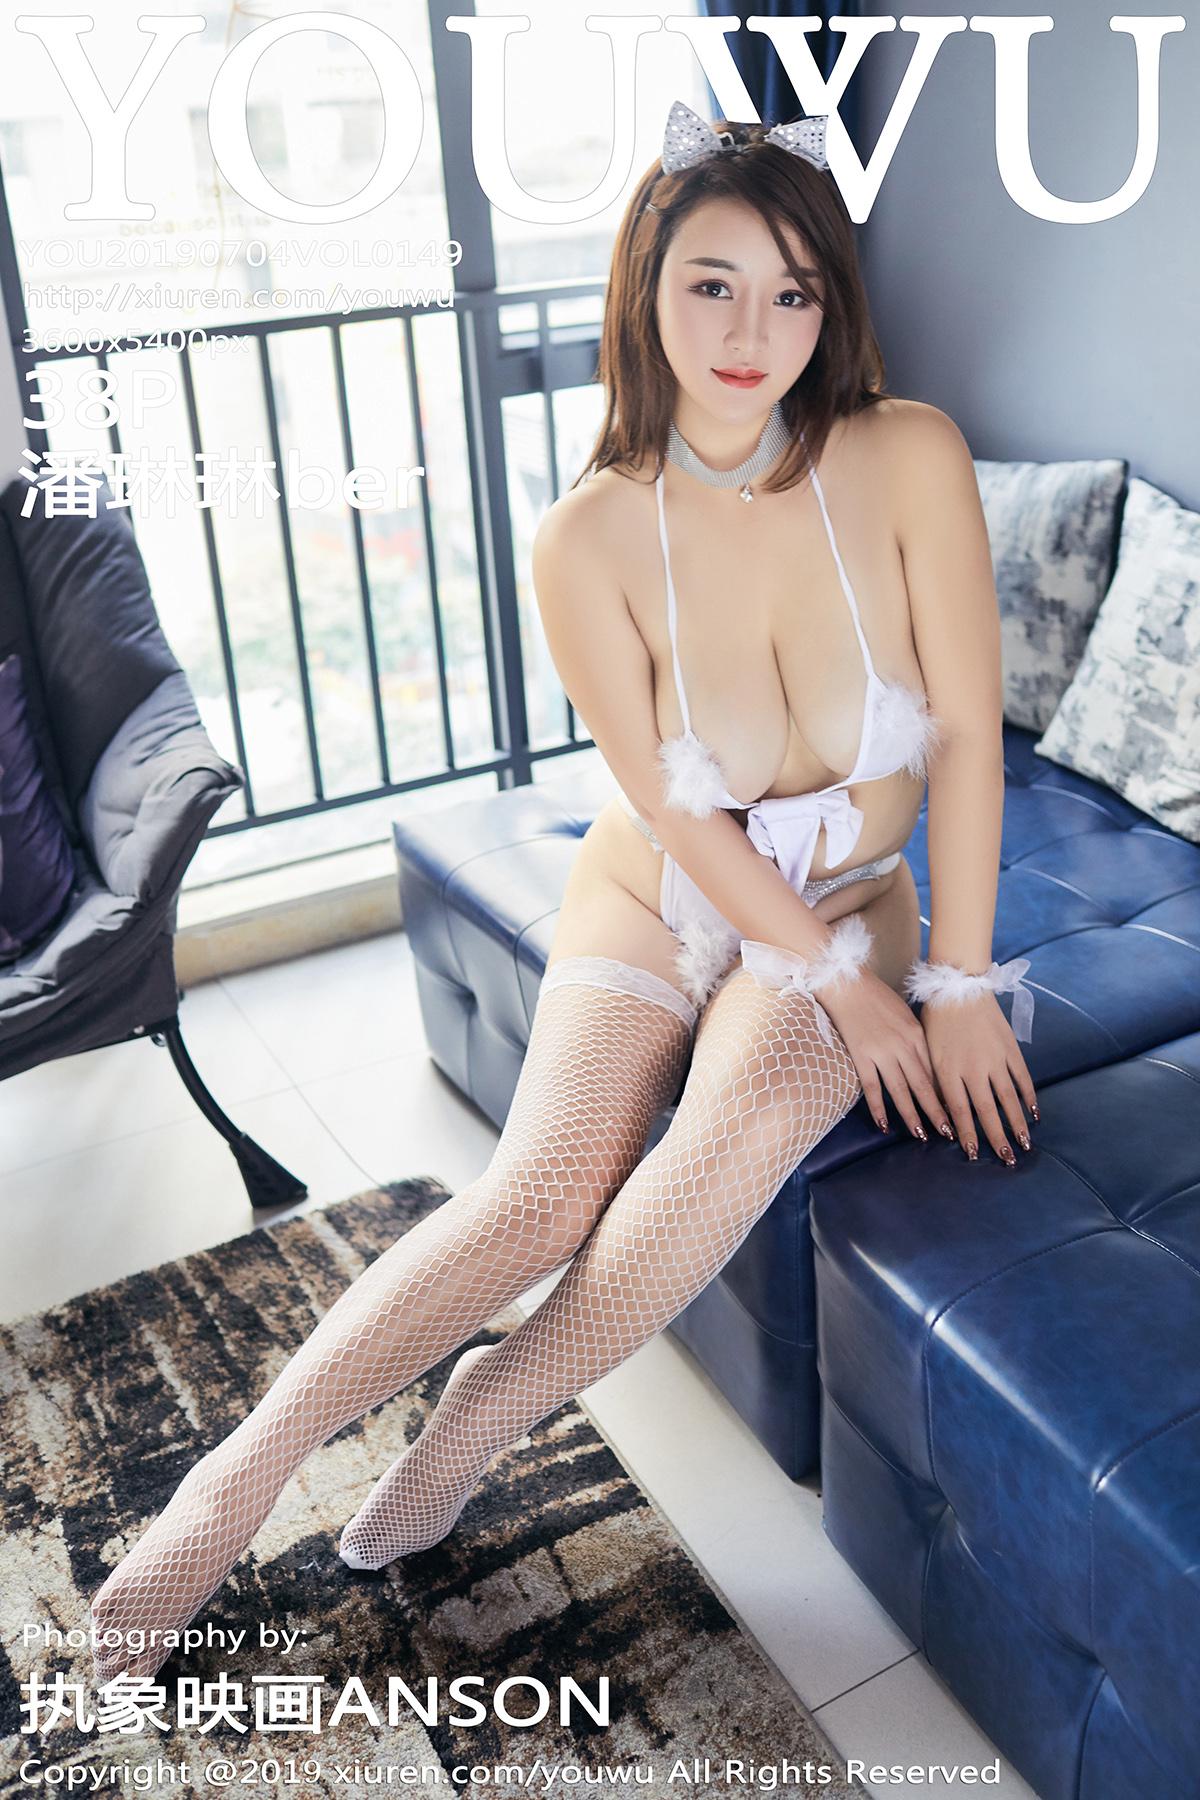 尤物馆 [YouWu] 2019.07.04 VOL.149 潘琳琳ber